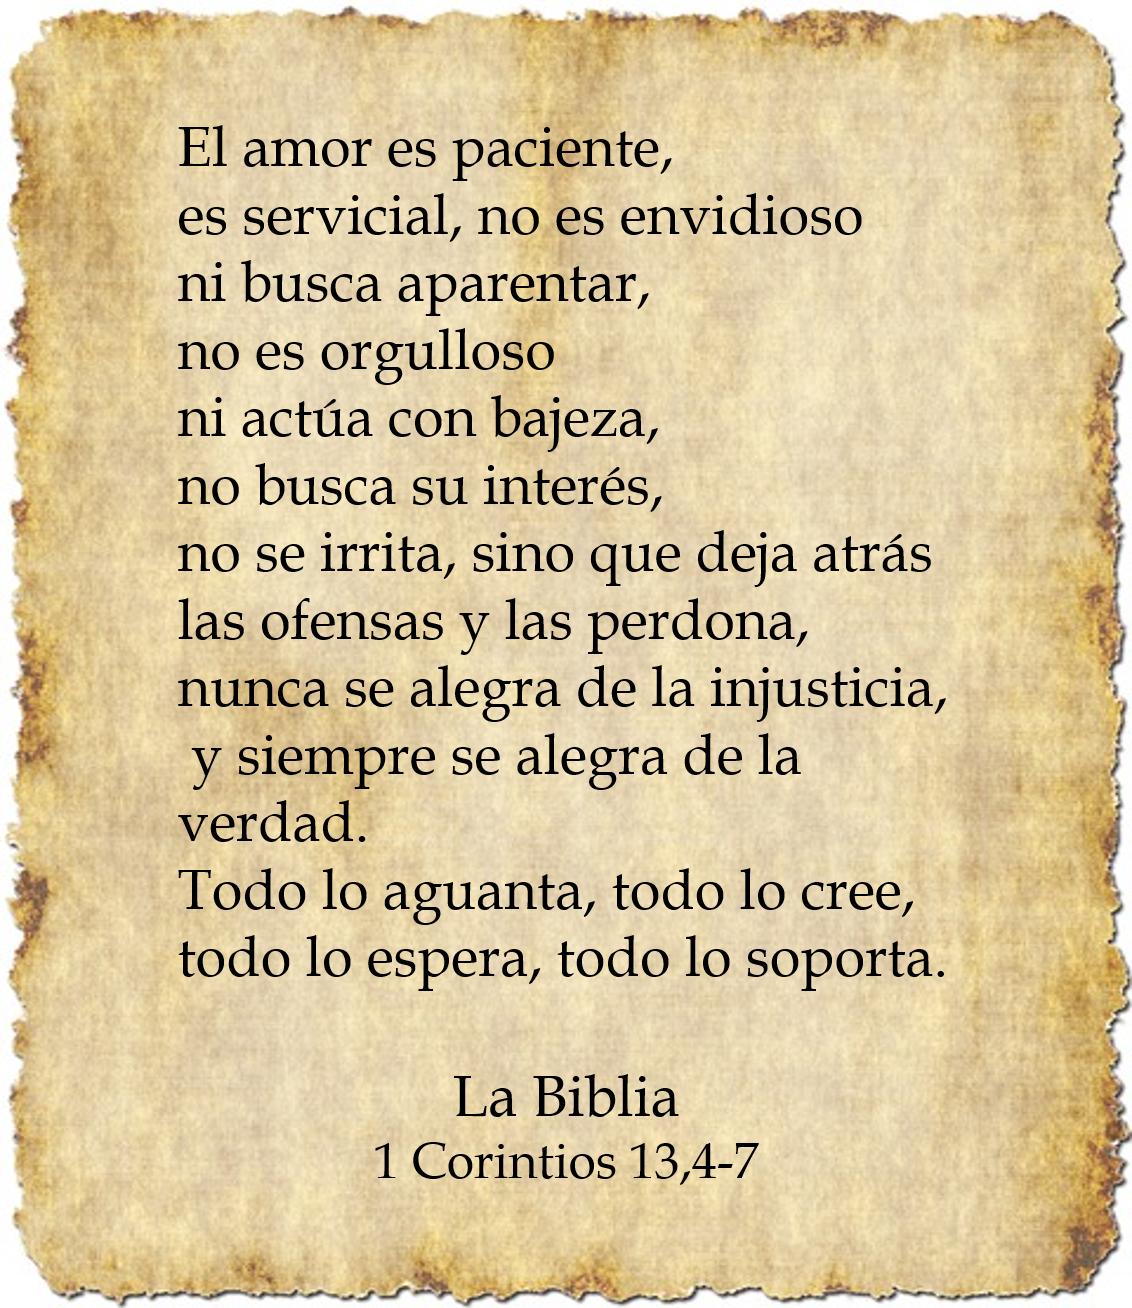 Pan para el Espíritu: Mensaje Bíblico: El amor es